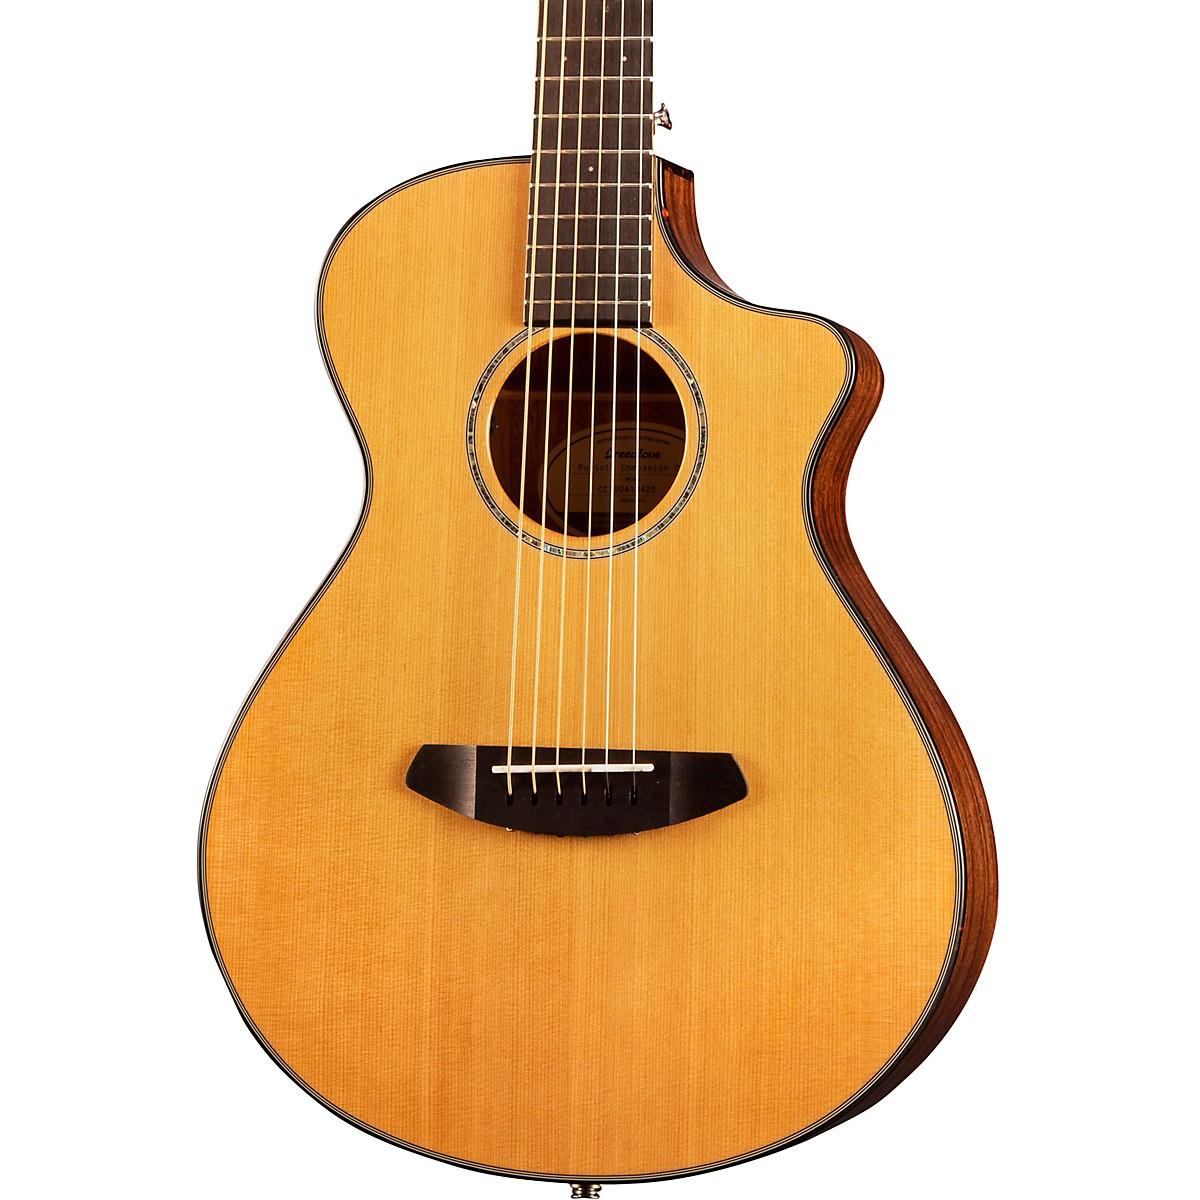 Breedlove Pursuit Companion Cutaway CE Acoustic-Electric Guitar